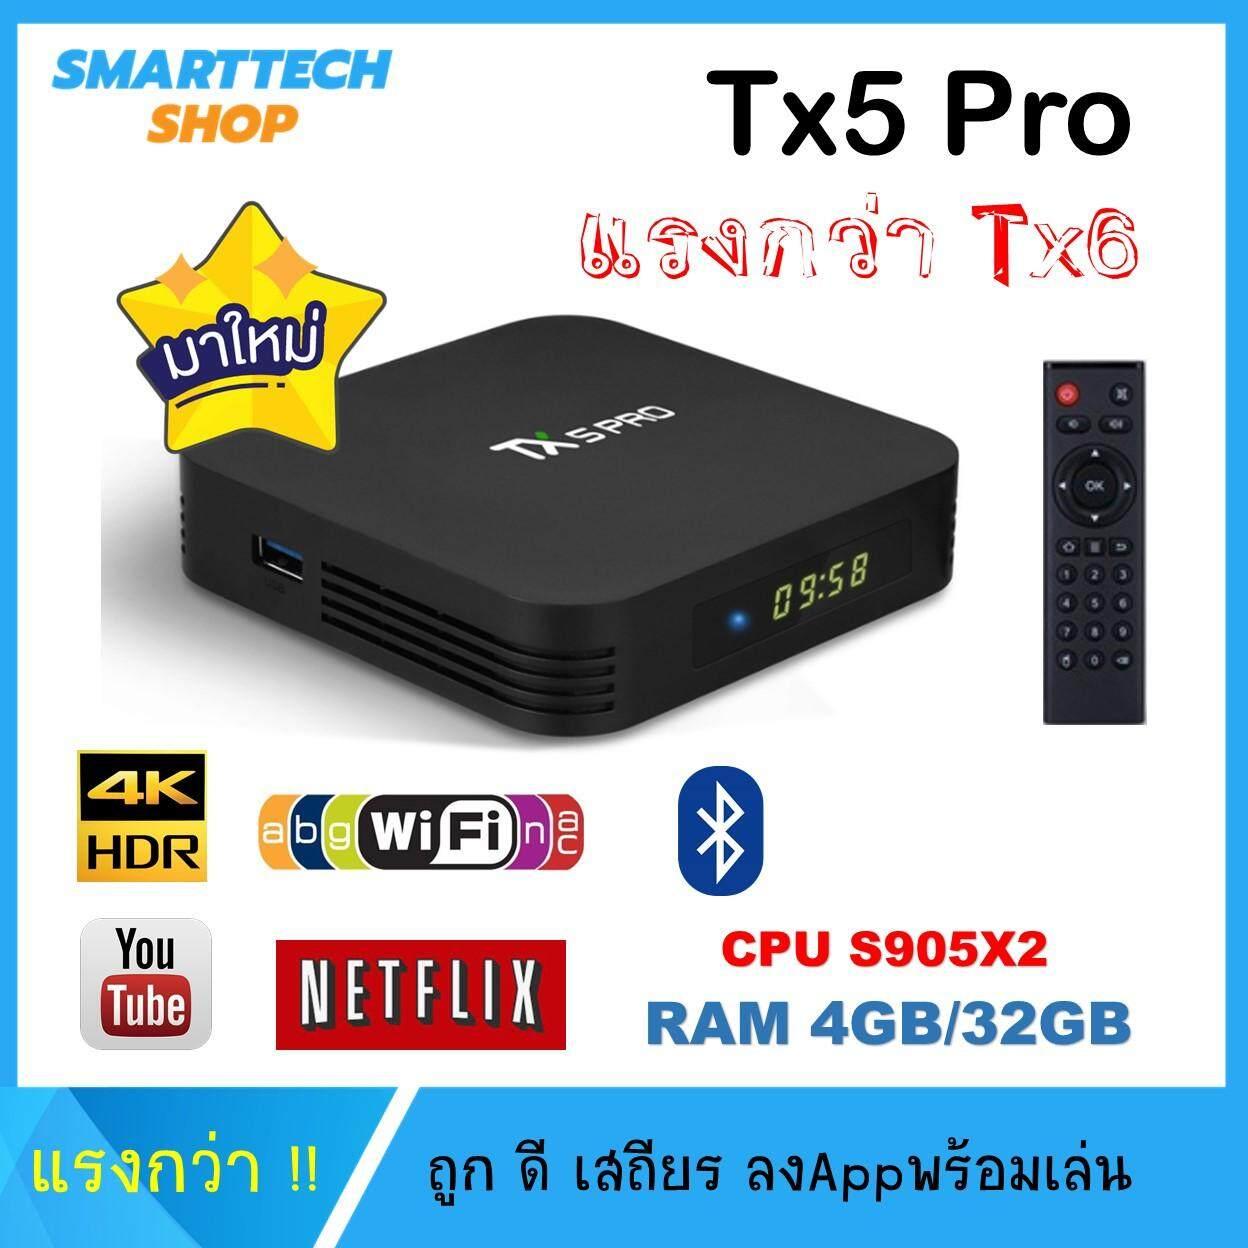 บัตรเครดิตซิตี้แบงก์ รีวอร์ด  สุรินทร์ กล่อง Android box Tx5 Pro มาใหม่ CPU S905X2 แรม4GB  รอม32GB Wifi2.4 +5G แรงกว่า Tx6